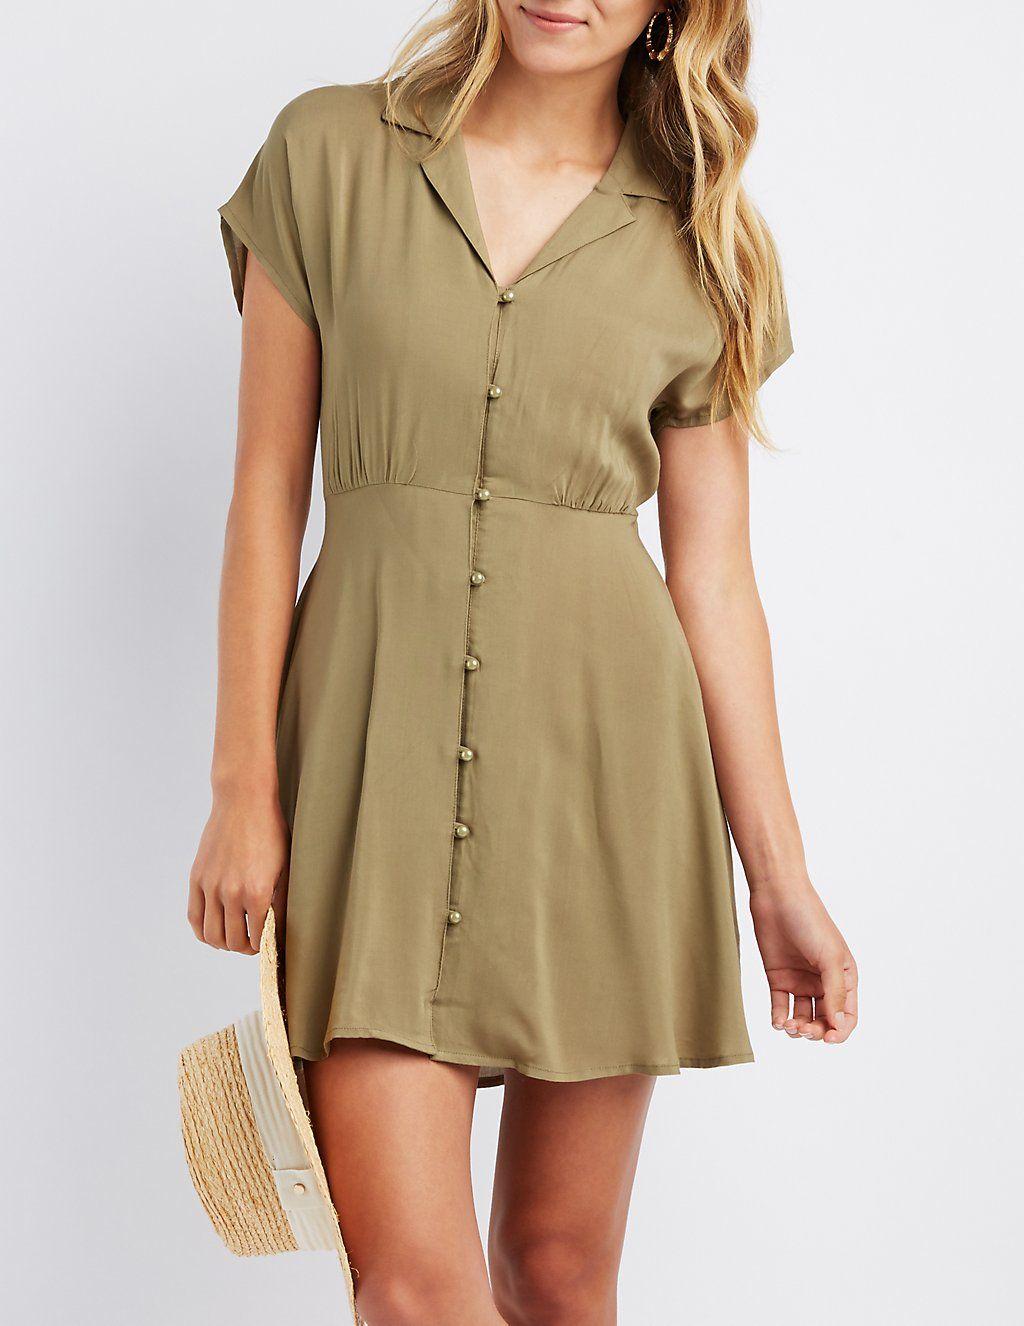 2d731820c1 302439629 302 (1024×1326) Green Shirt Dress